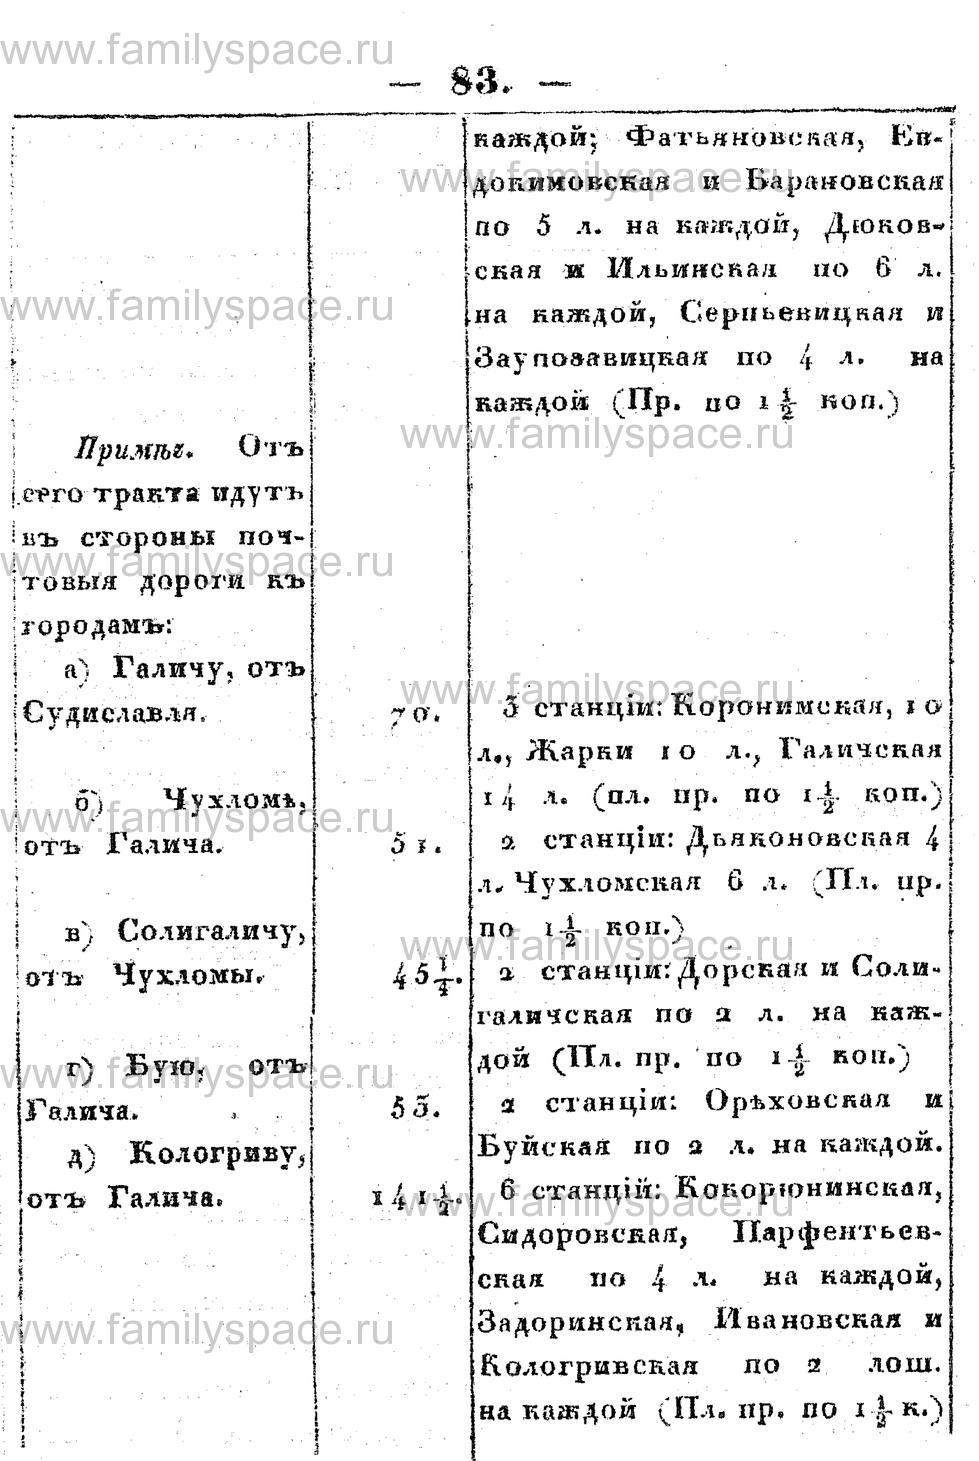 Поиск по фамилии - Памятная книжка Костромской губернии на 1853 год, страница 83